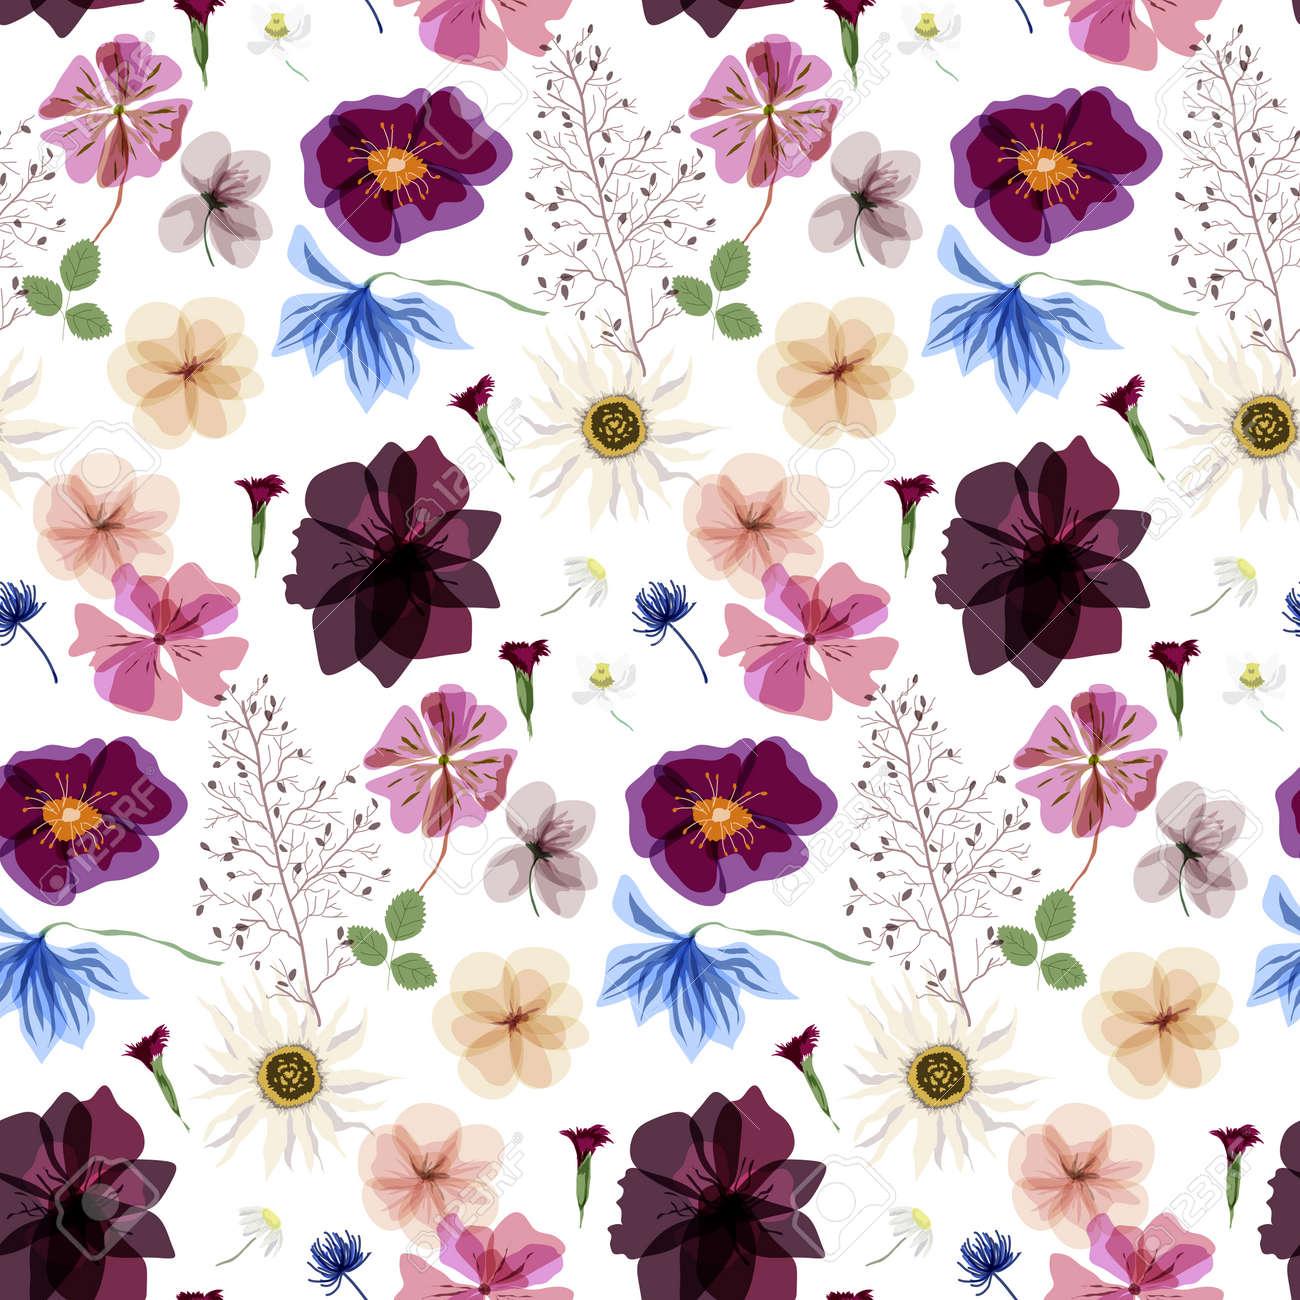 ドライフラワーやハーブの植物コレクションのシームレス パターンの